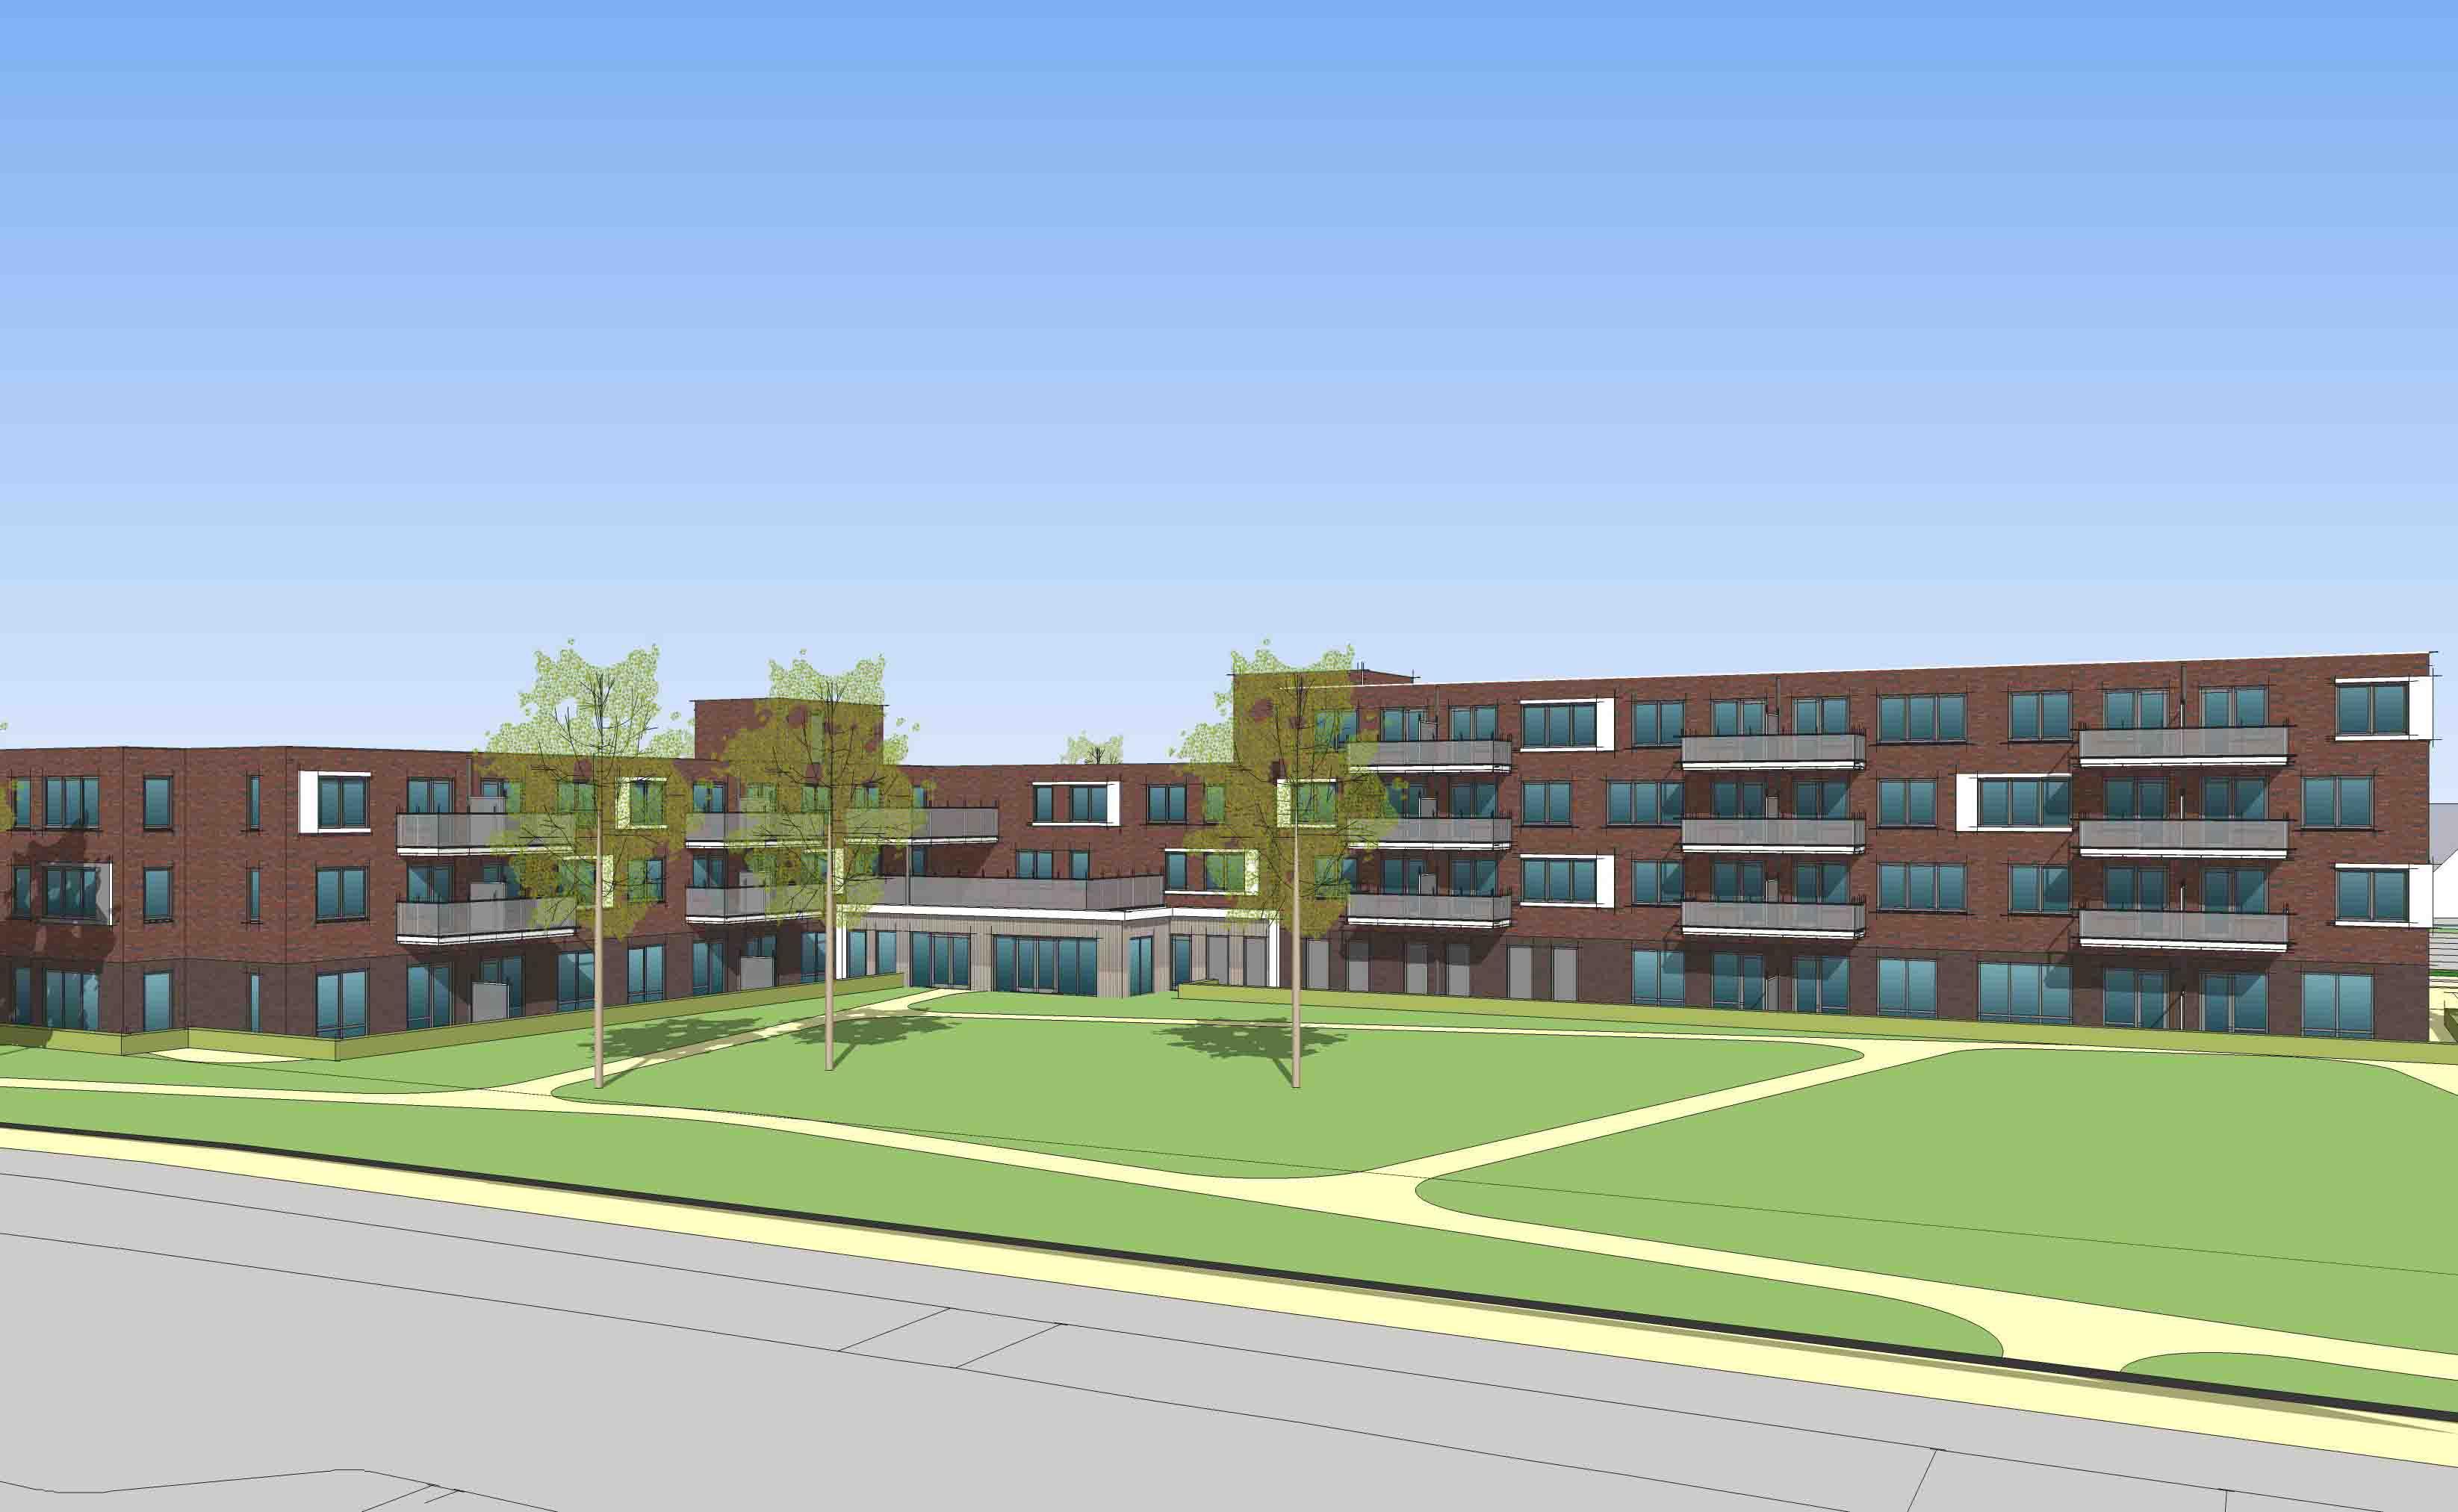 woonzorgcentrum Hugo-Waard Heerhugowaard senioren architectuur appartementen